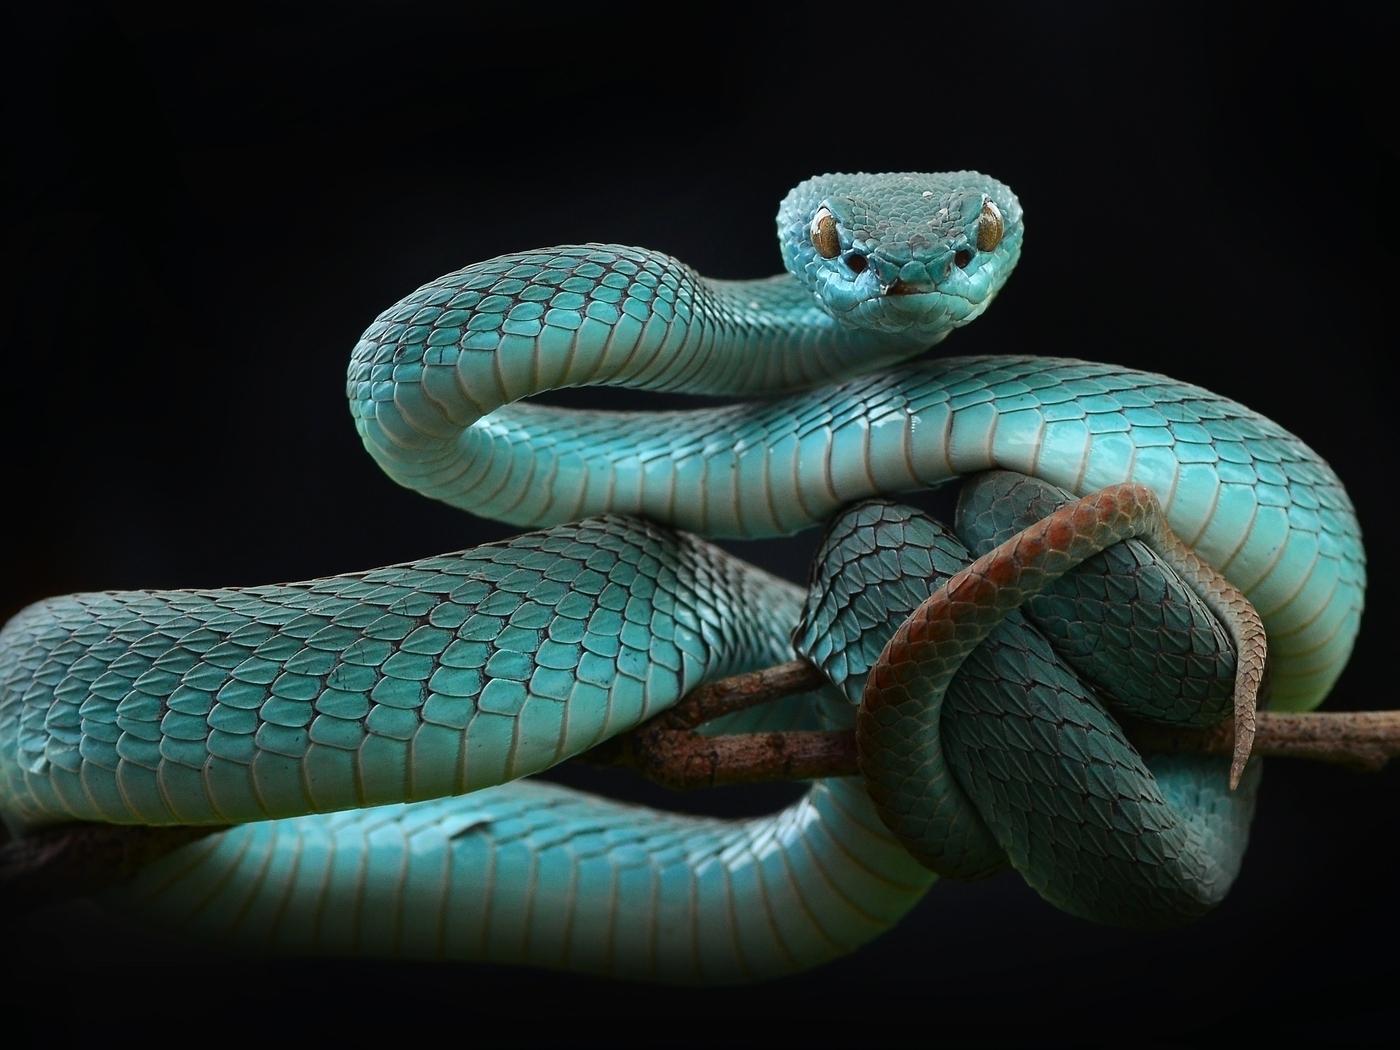 Картинка: Пресмыкающиеся, рептилия, змея, гадюка, голубая куфия, ветка, фон